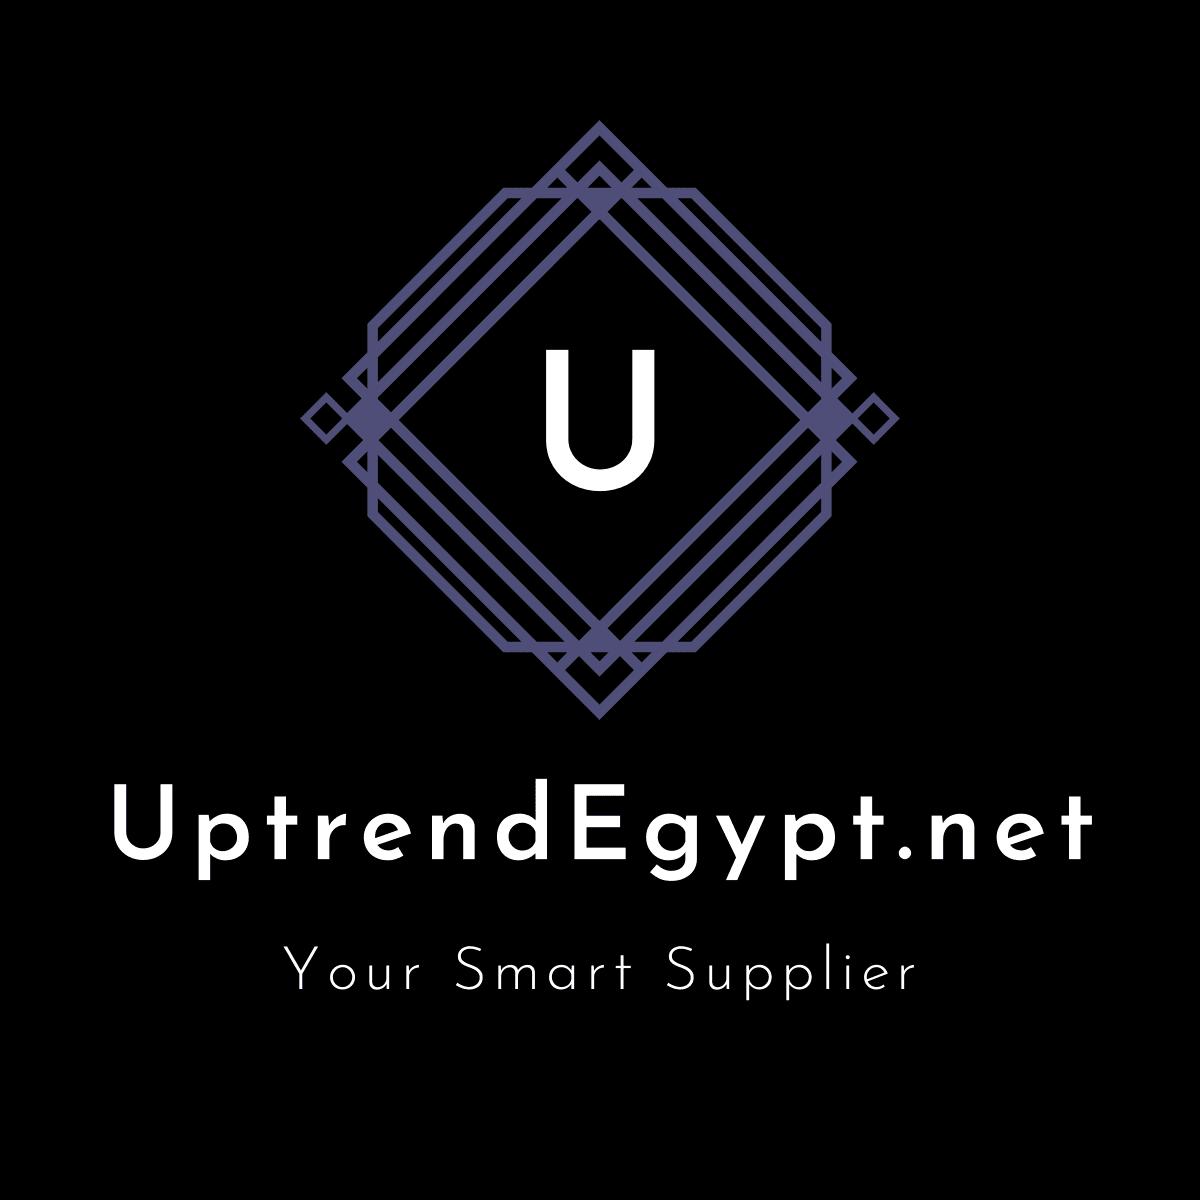 uptrendegypt.net